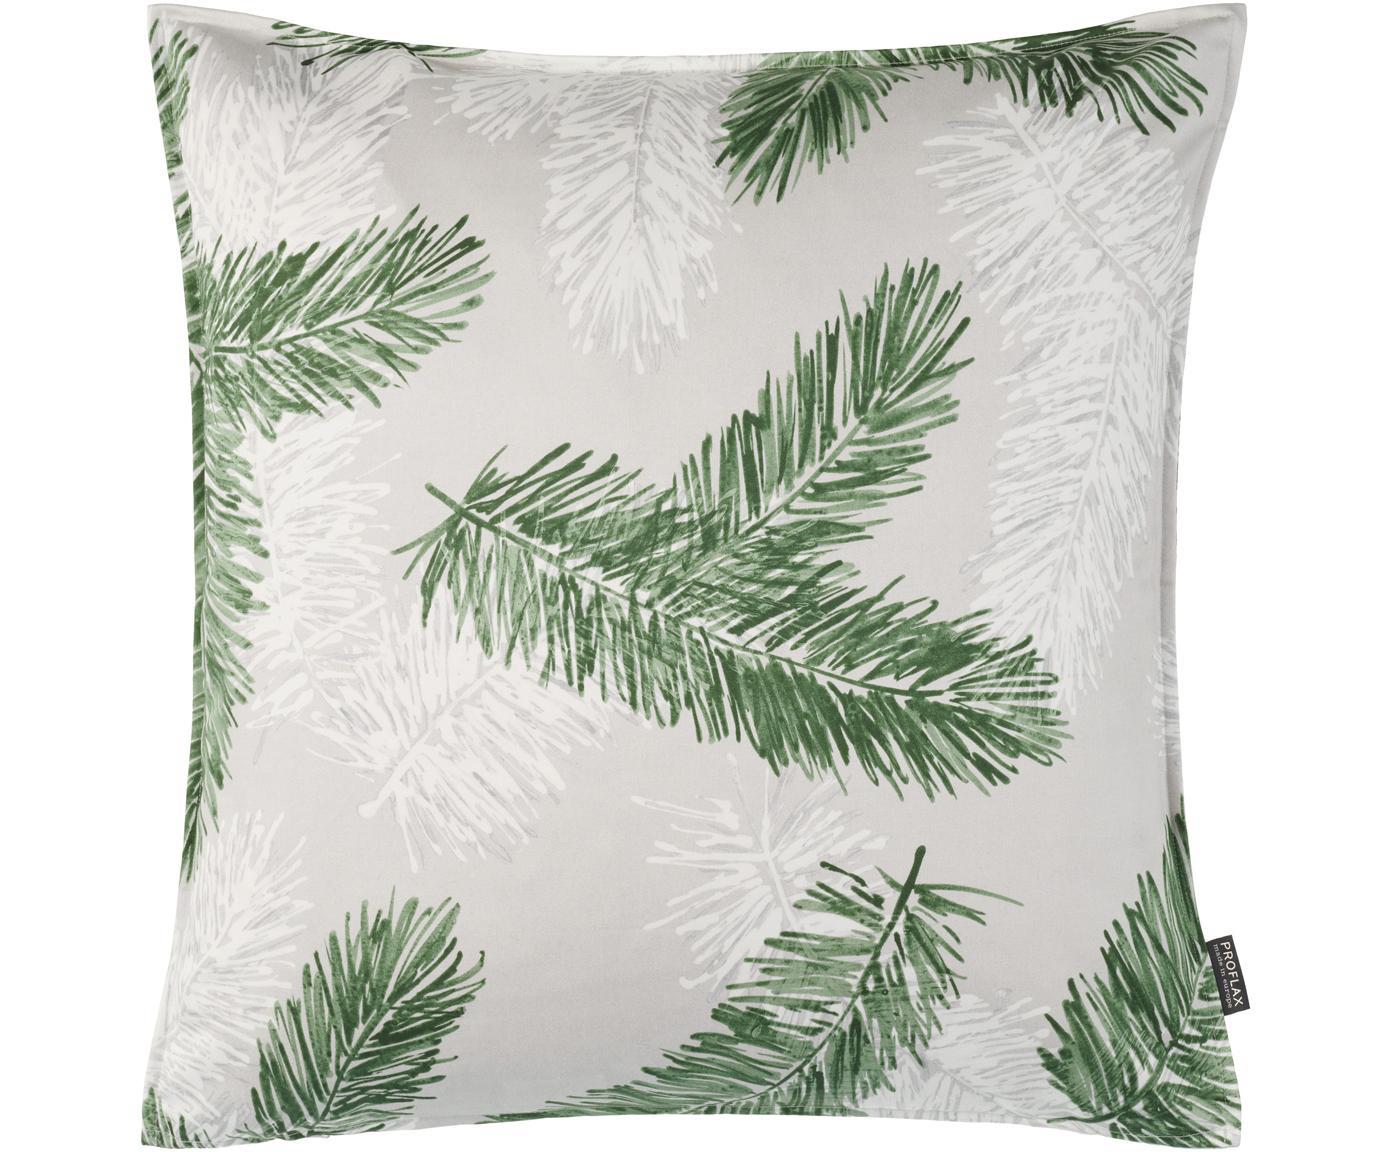 Kussenhoes Pinus, Katoen, Grijs, groen, 40 x 40 cm